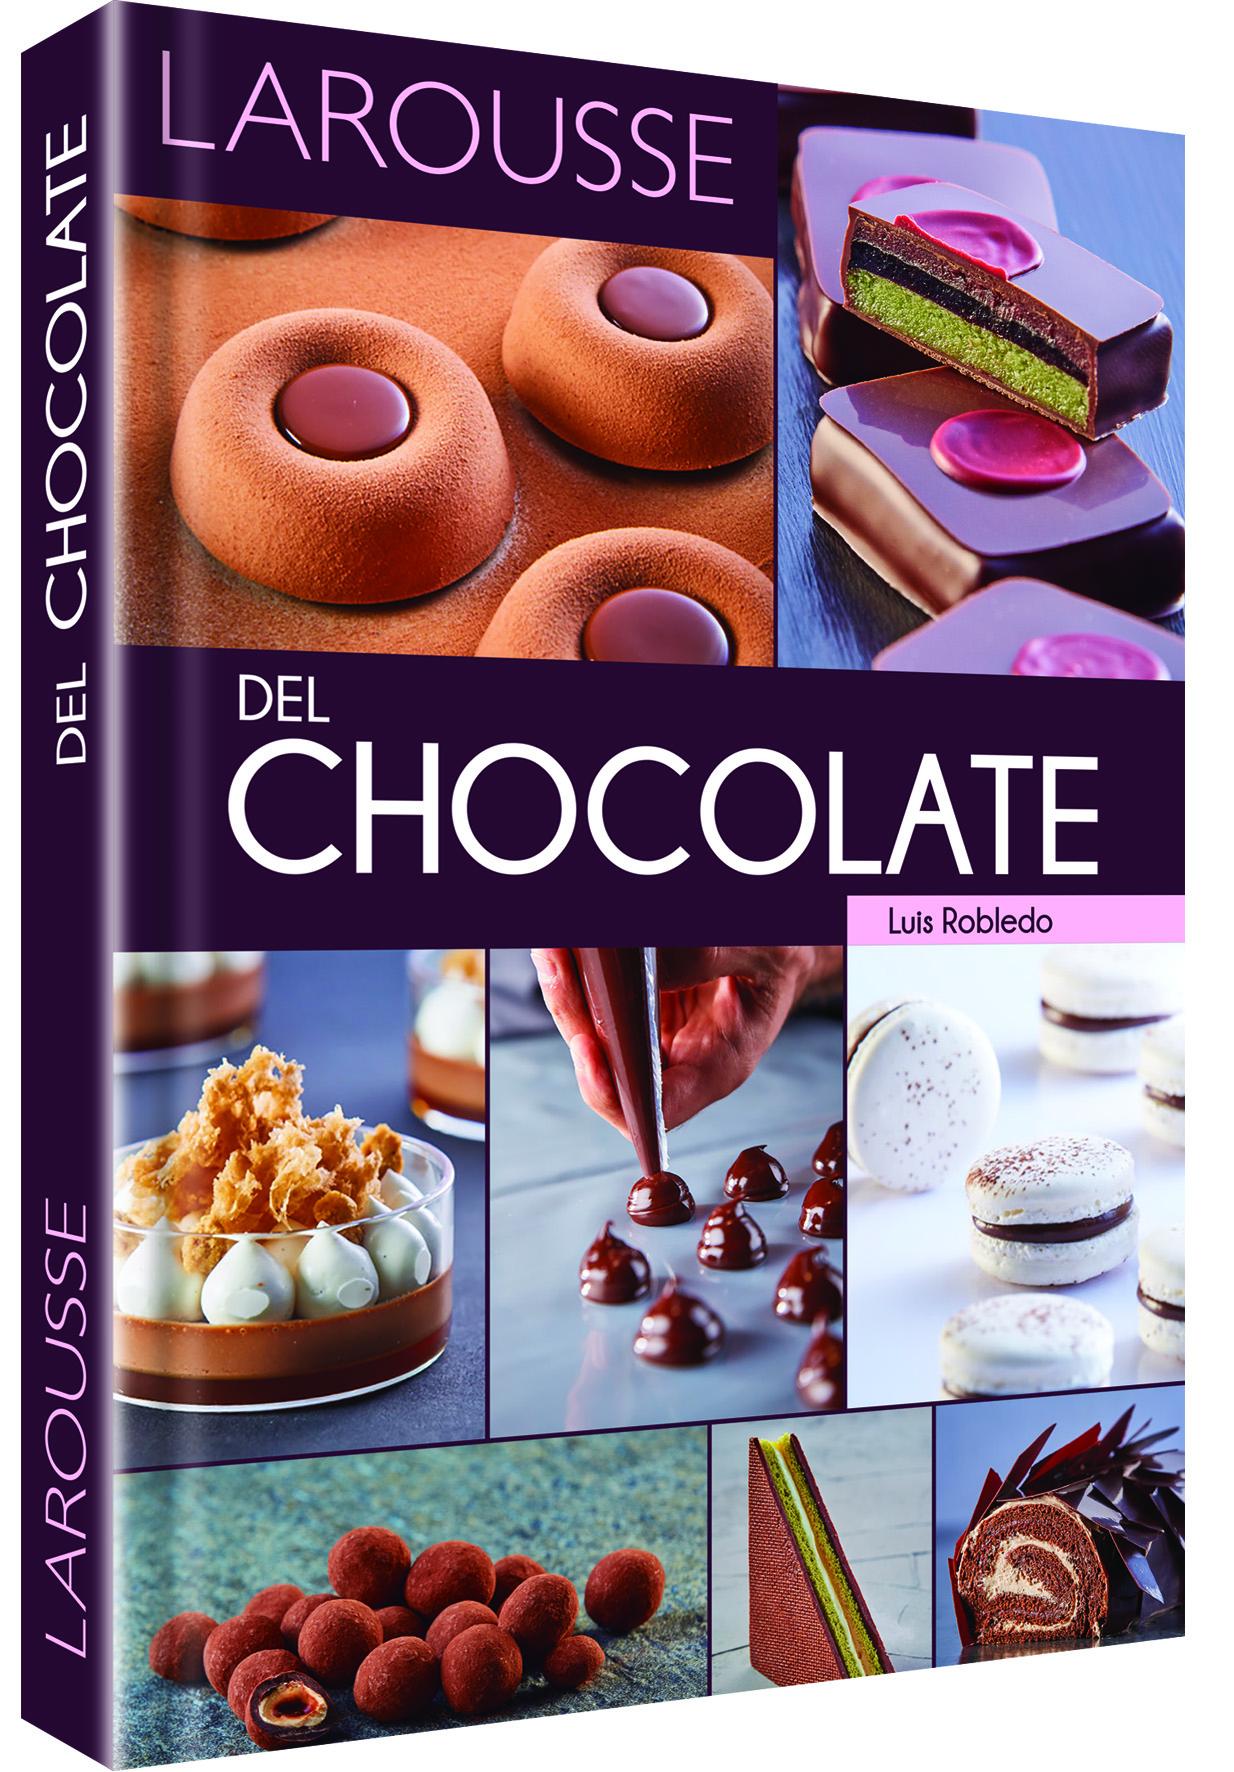 1837_LAROUSSE_DEL_CHOCOLATE_ALTA (1).jpg